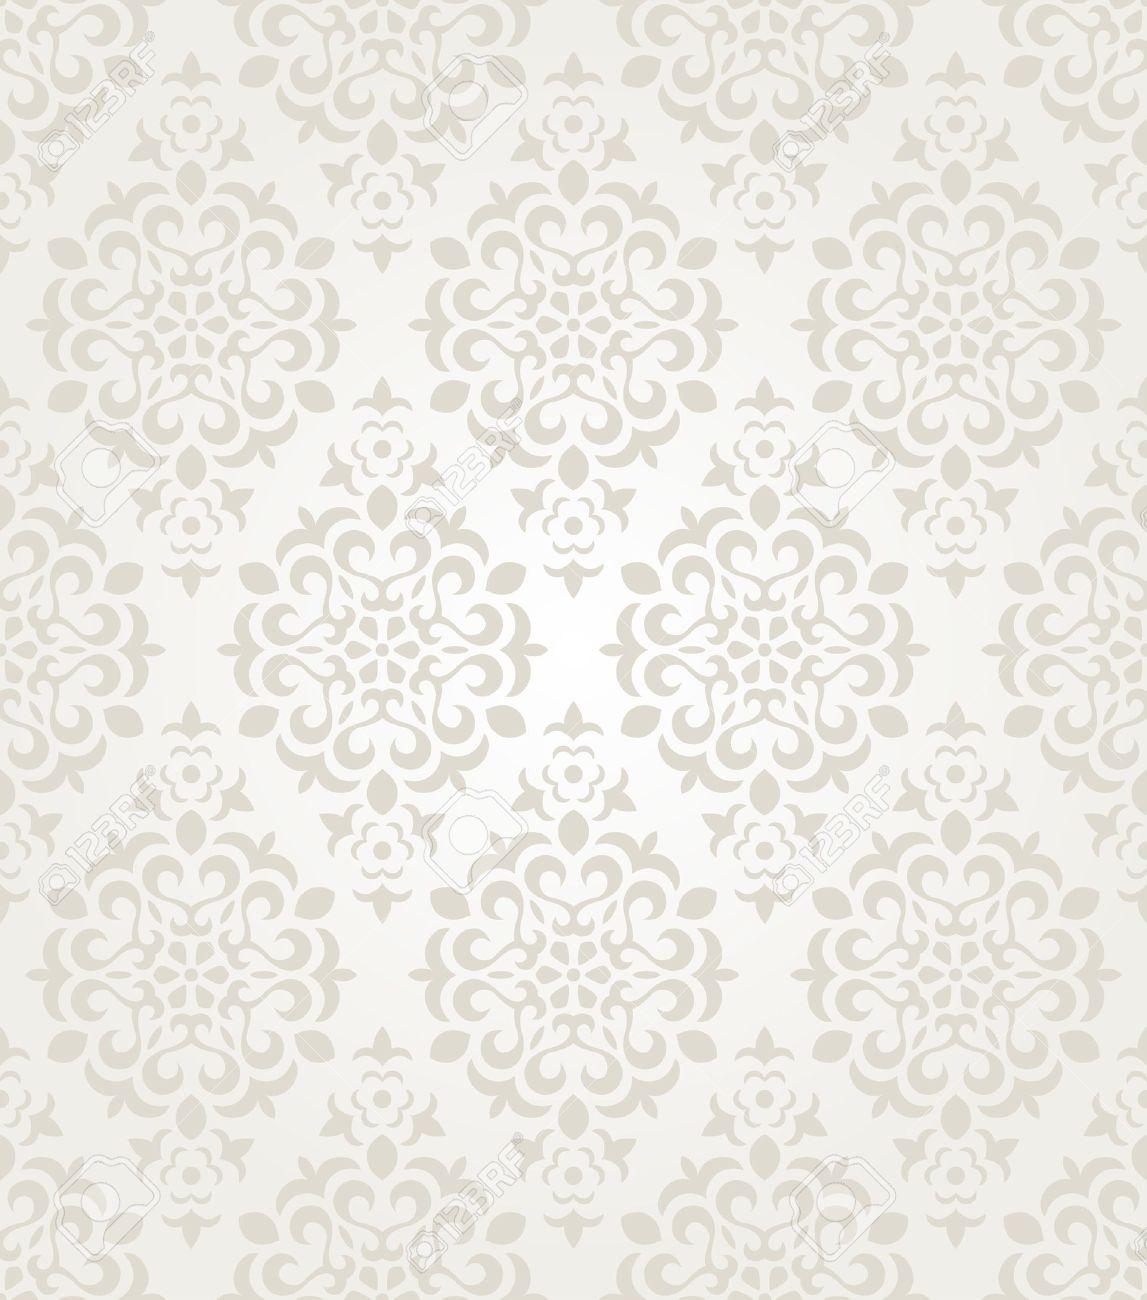 Papier Peint Floral De Cru Arri Re Plan Transparent Clip Art